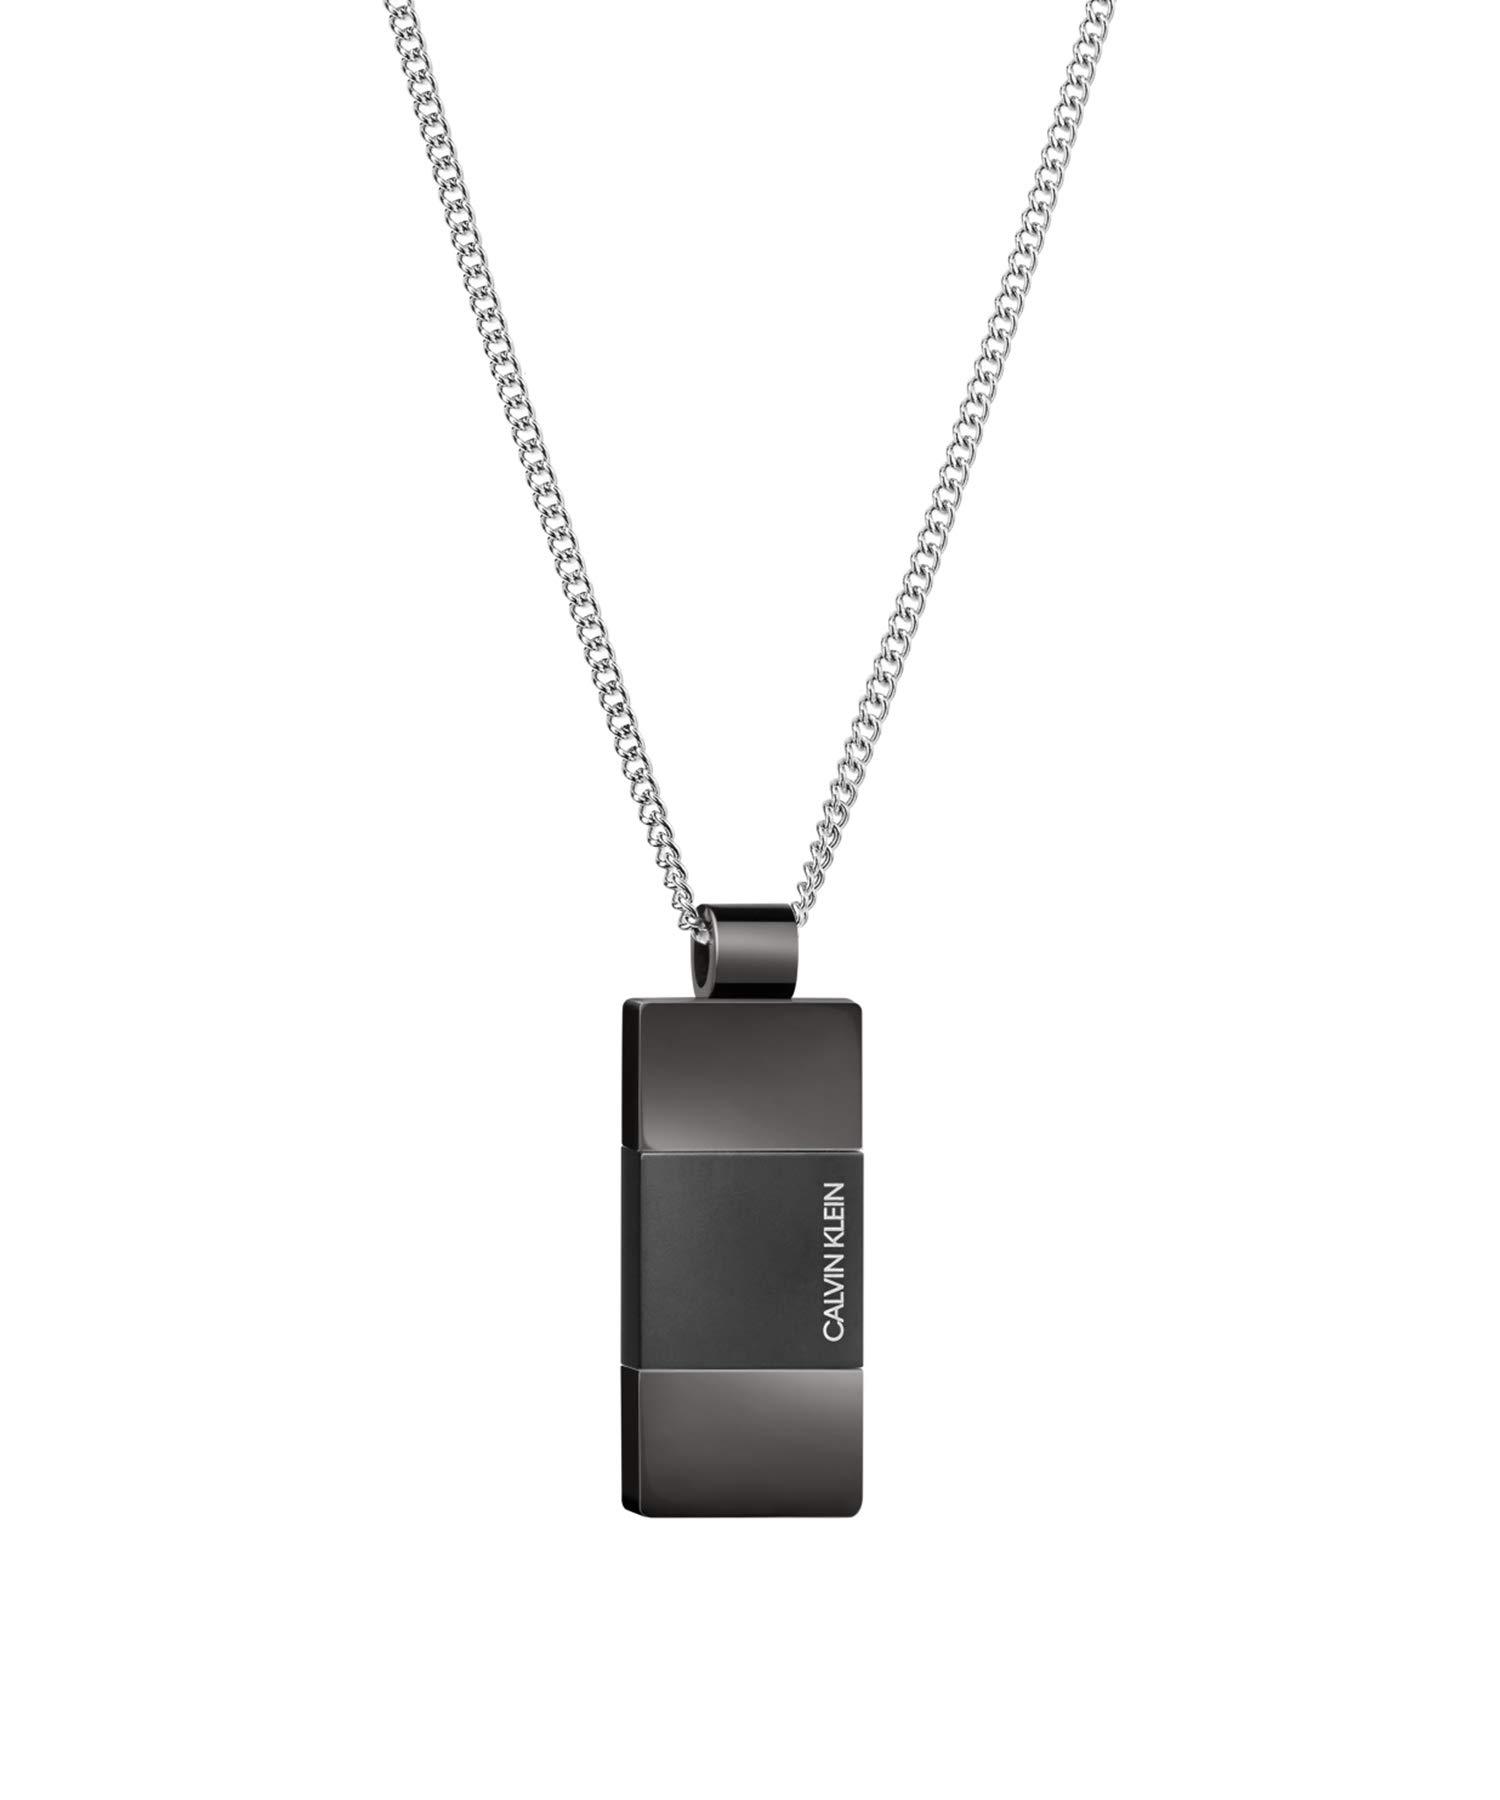 Jewelry Strong KJ9LBP180100 Herrenhalskette